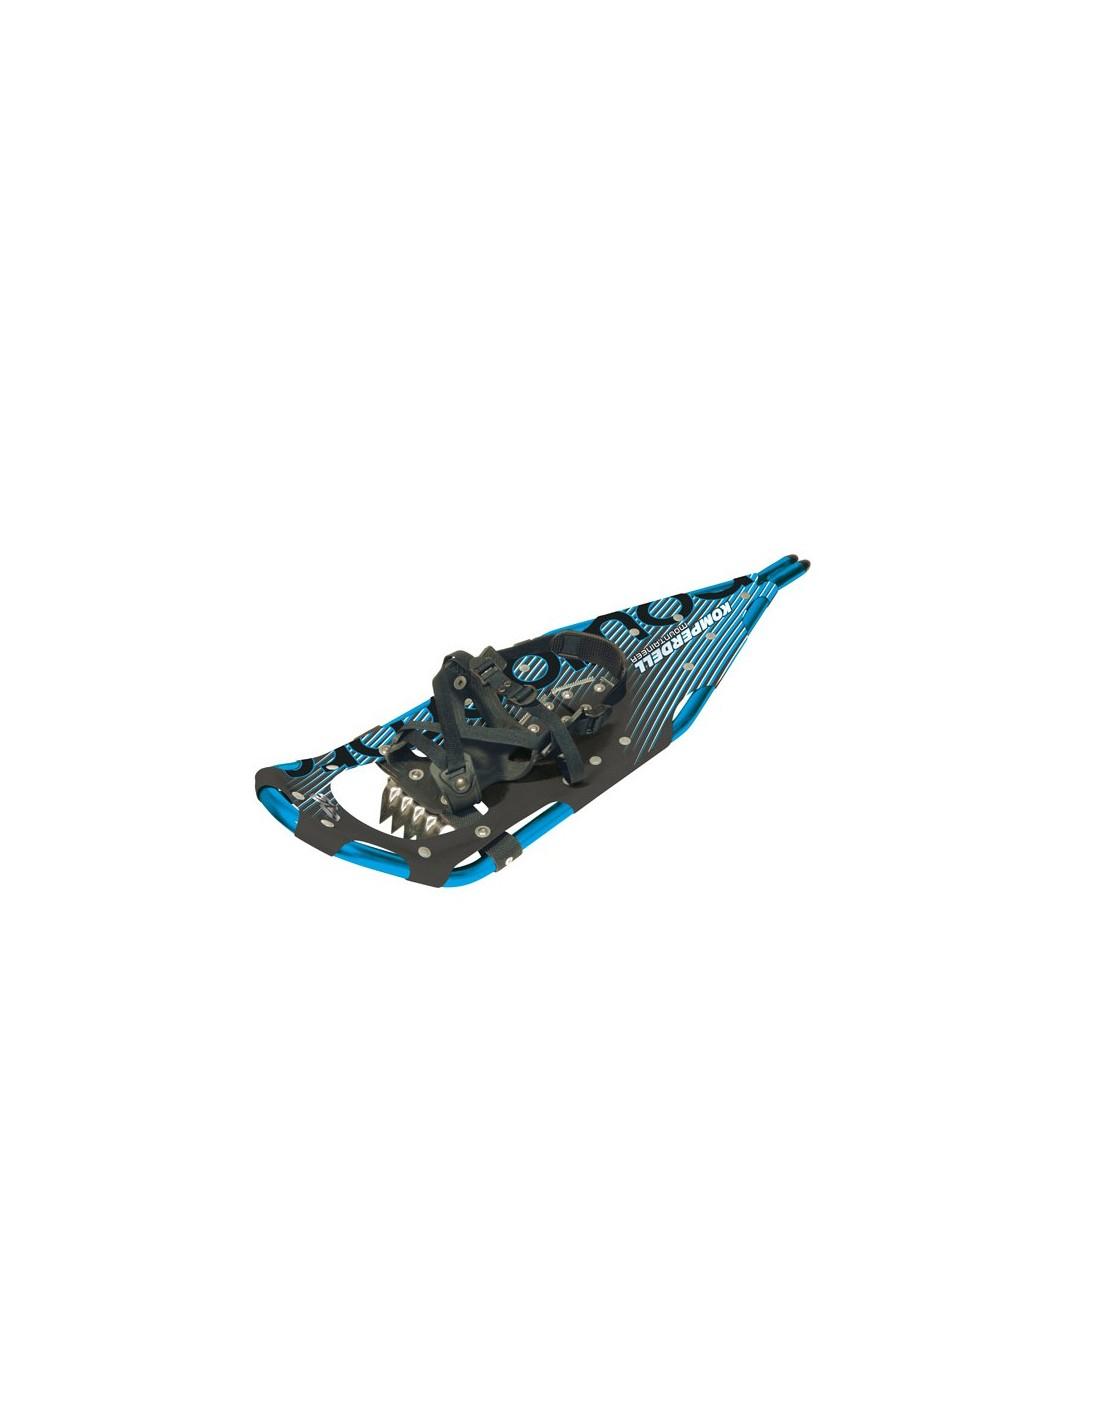 Komperdell Schneeschuh Mountaineer 27 Schneeschuhfarbe - Blau, Eignung - 71 - 80